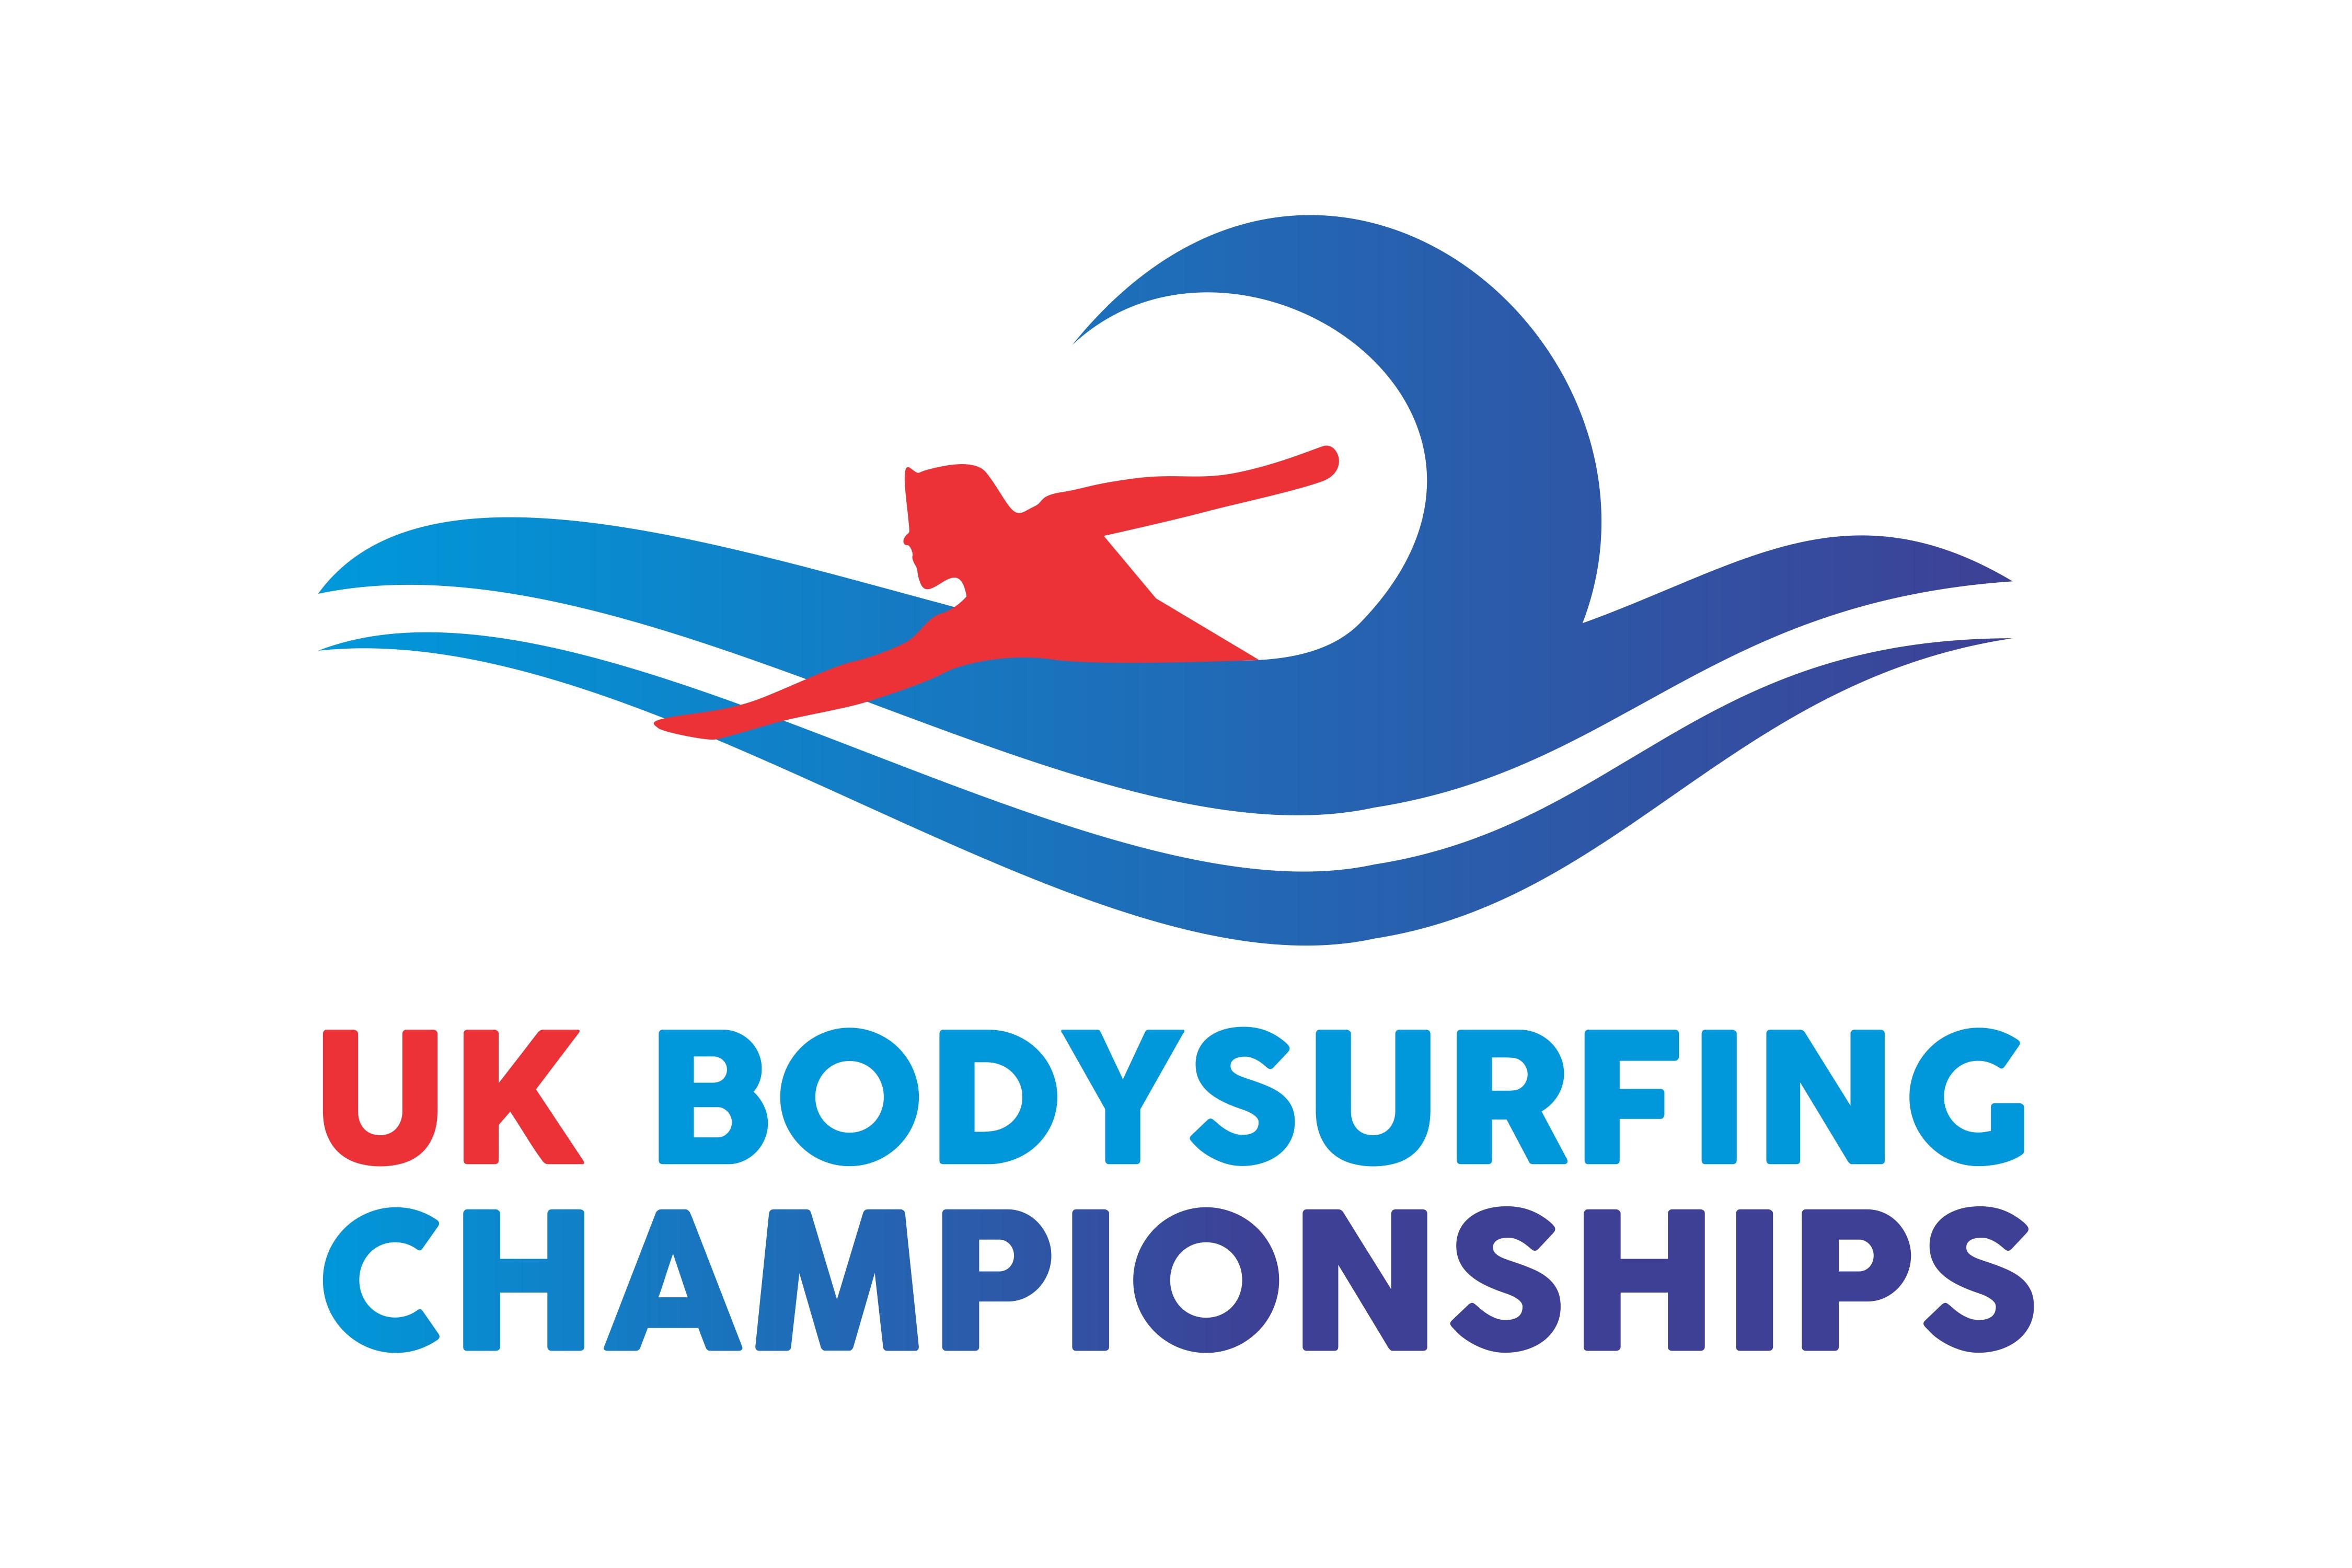 UK Bodysurfing Championships C.I.C.